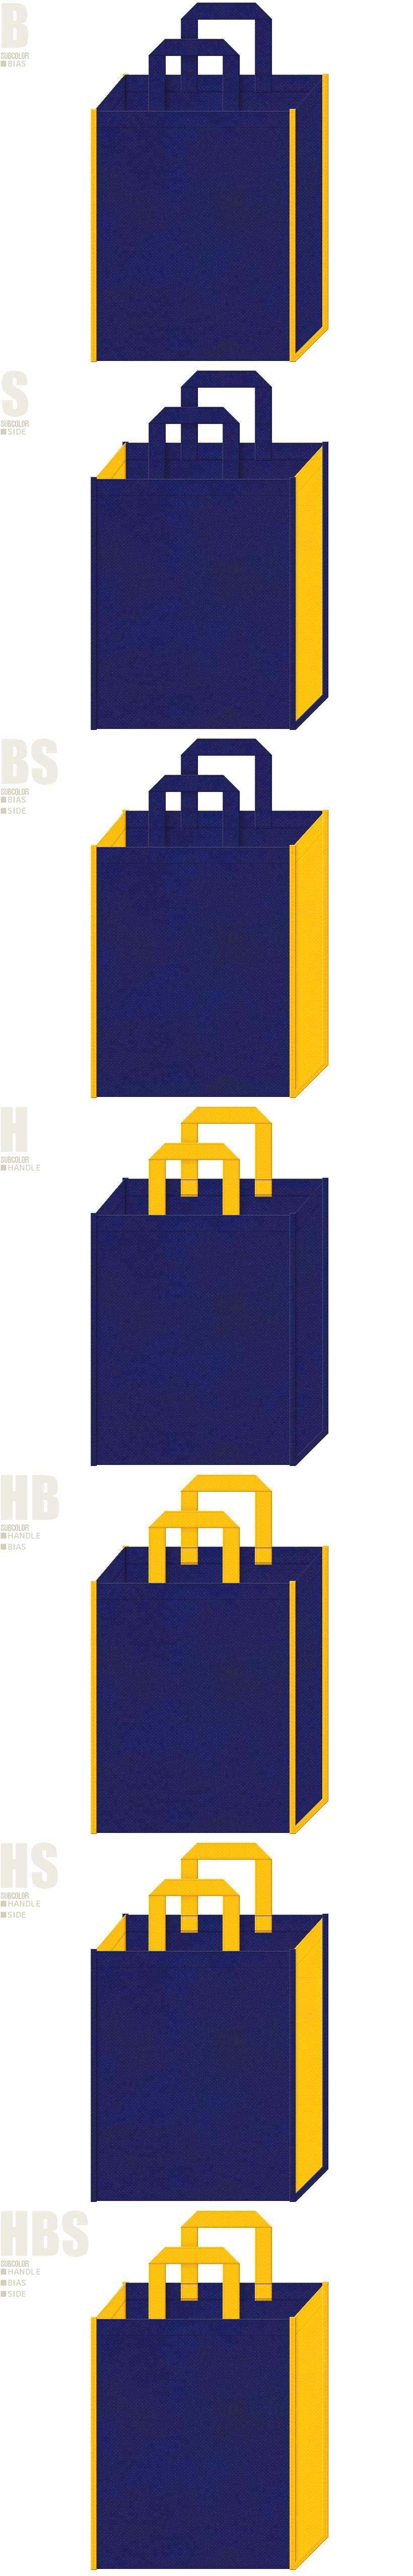 電気・通信機器の展示会用バッグにお奨めの不織布バッグデザイン:明るい紺色と黄色の不織布バッグ配色7パターン。